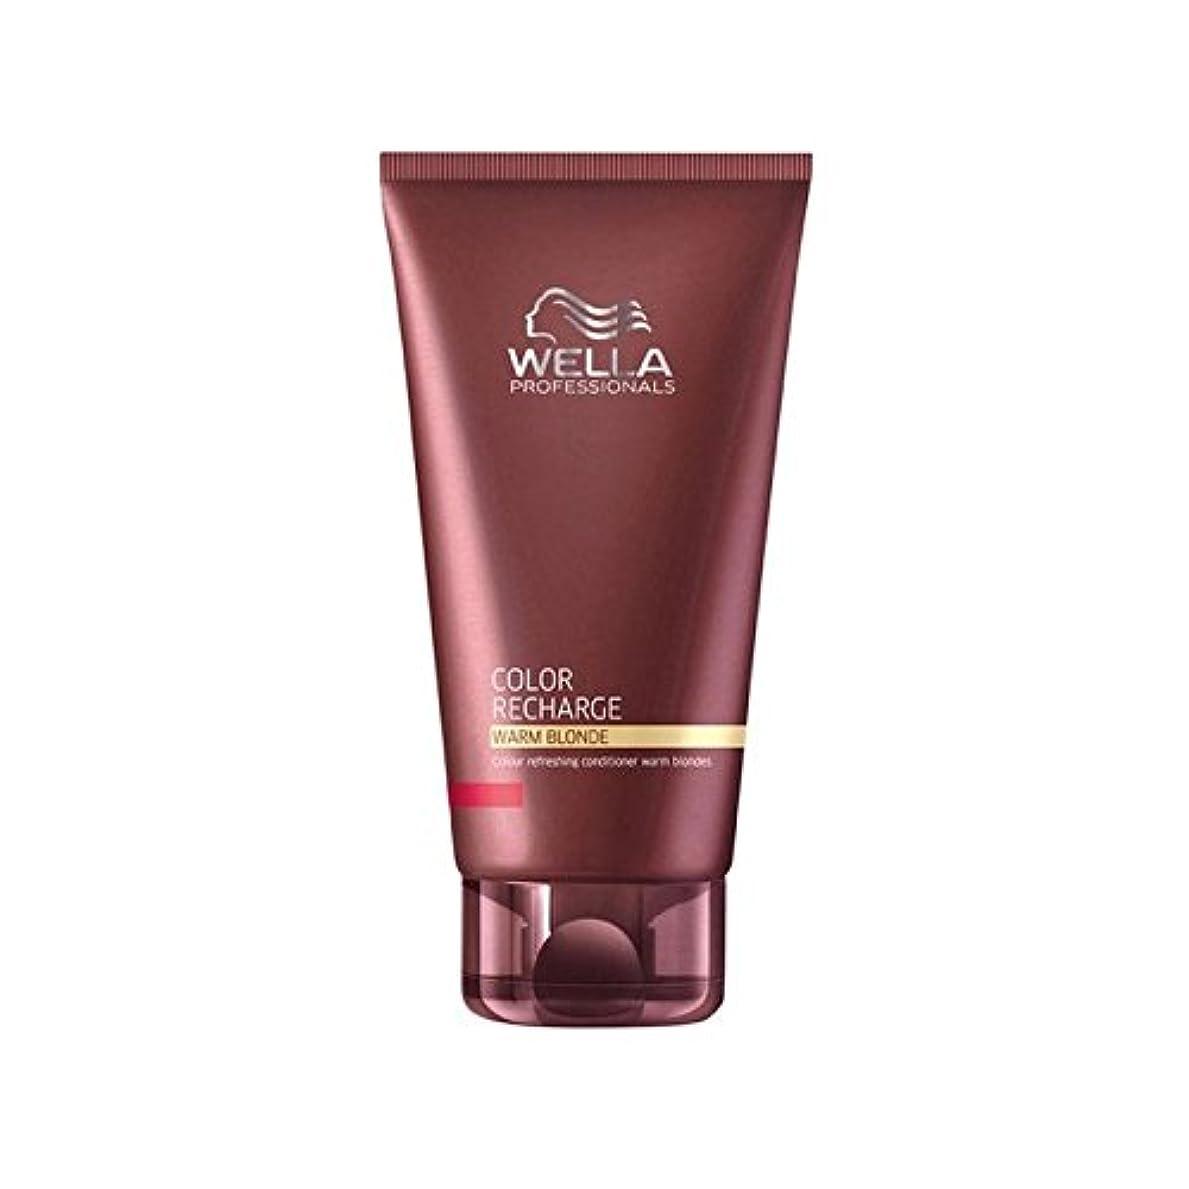 電気的アンカー充電ウエラ専門家のカラー再充電コンディショナー暖かいブロンド(200ミリリットル) x4 - Wella Professionals Color Recharge Conditioner Warm Blonde (200ml) (Pack of 4) [並行輸入品]